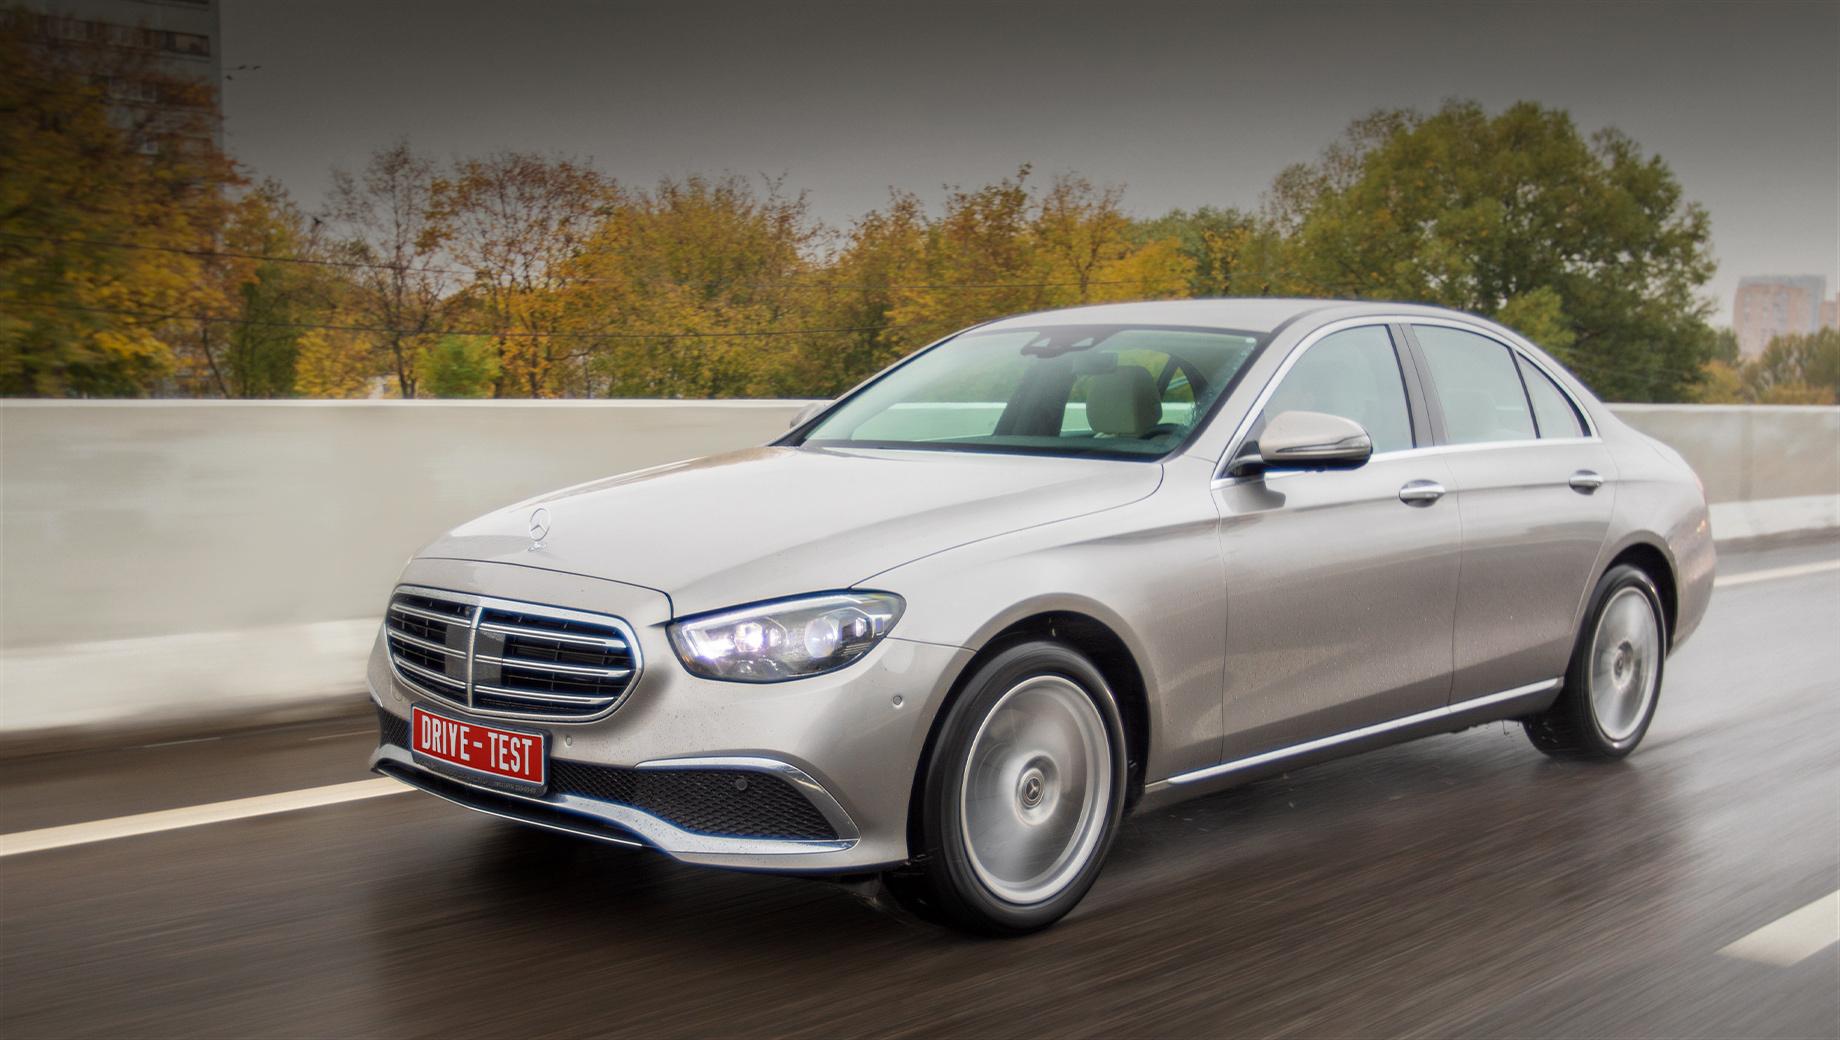 Mercedes e. Цены стартуют с 3,8 млн рублей за флитовые версии Business с бензиновой «четвёркой» 2.0 (E 200) либо со 160-сильным турбодизелем (E 200 d). Доступнейший полноприводник — E 220 d (194 силы) Premium за 4 380 000. Звезда на капоте выдаёт дорогой Intelligent drive, как и адаптивные фары.